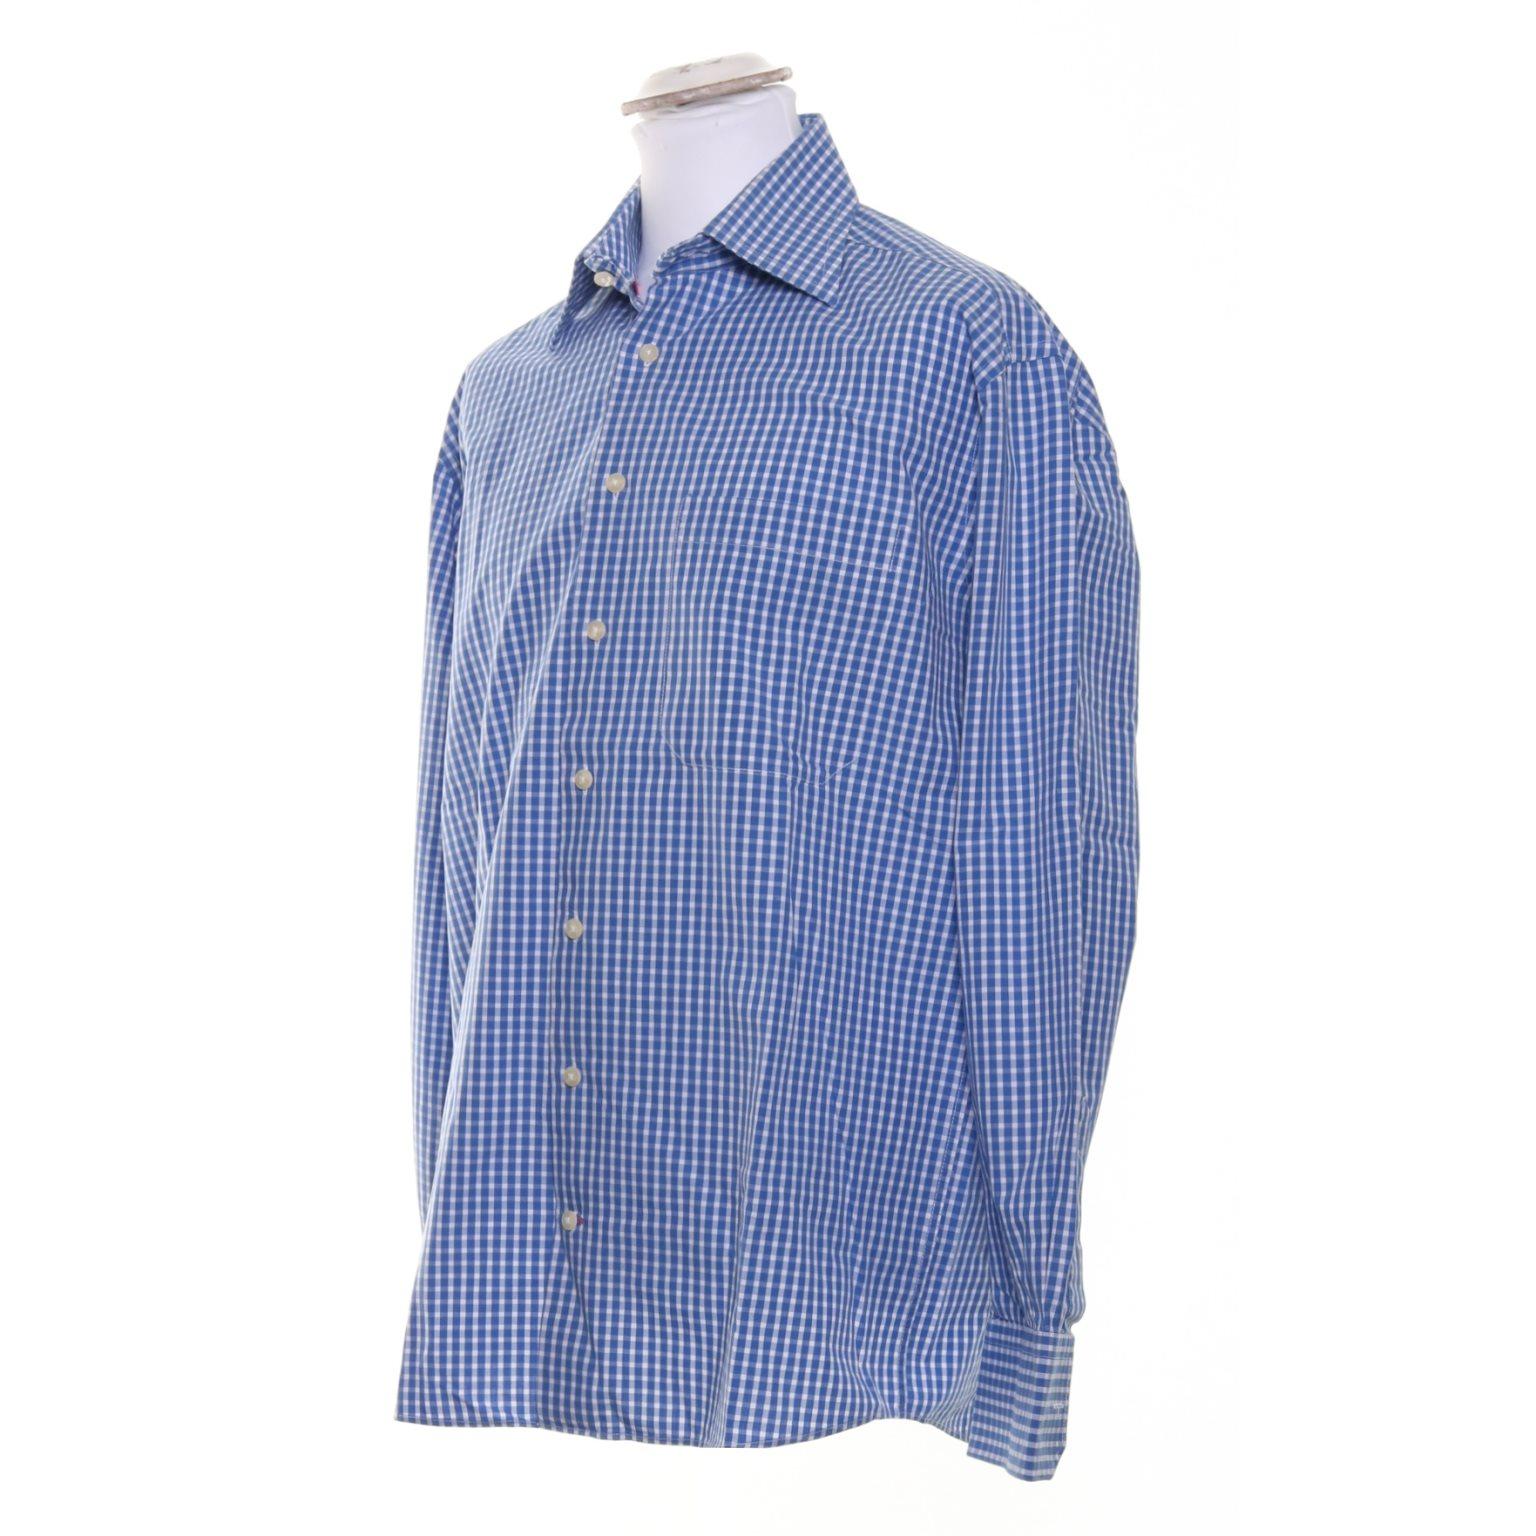 Allan clark skjortor